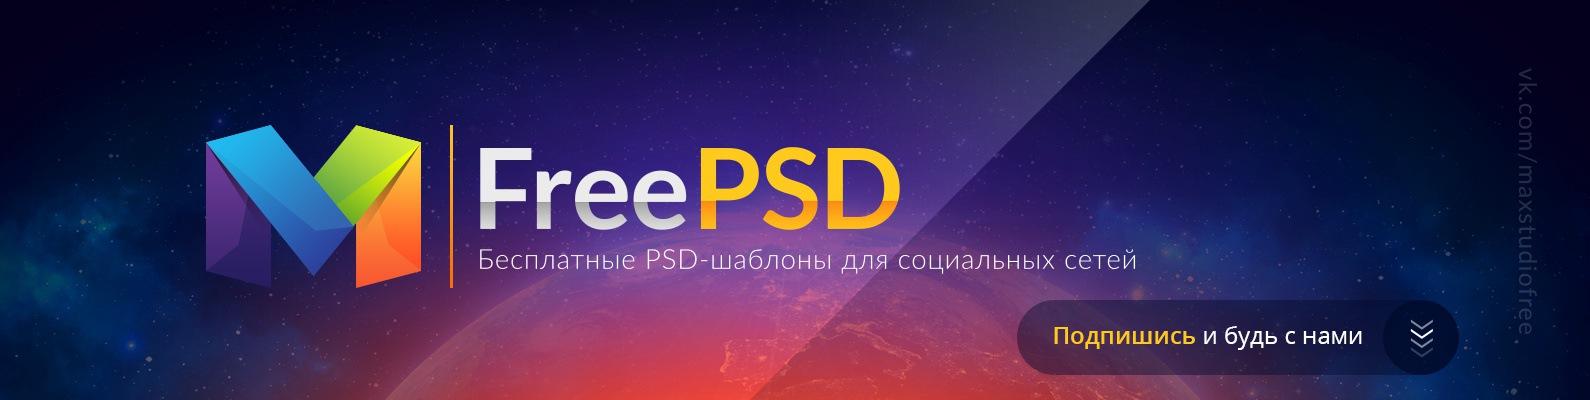 Шаблоны для постов вконтакте psd скачать бесплатно